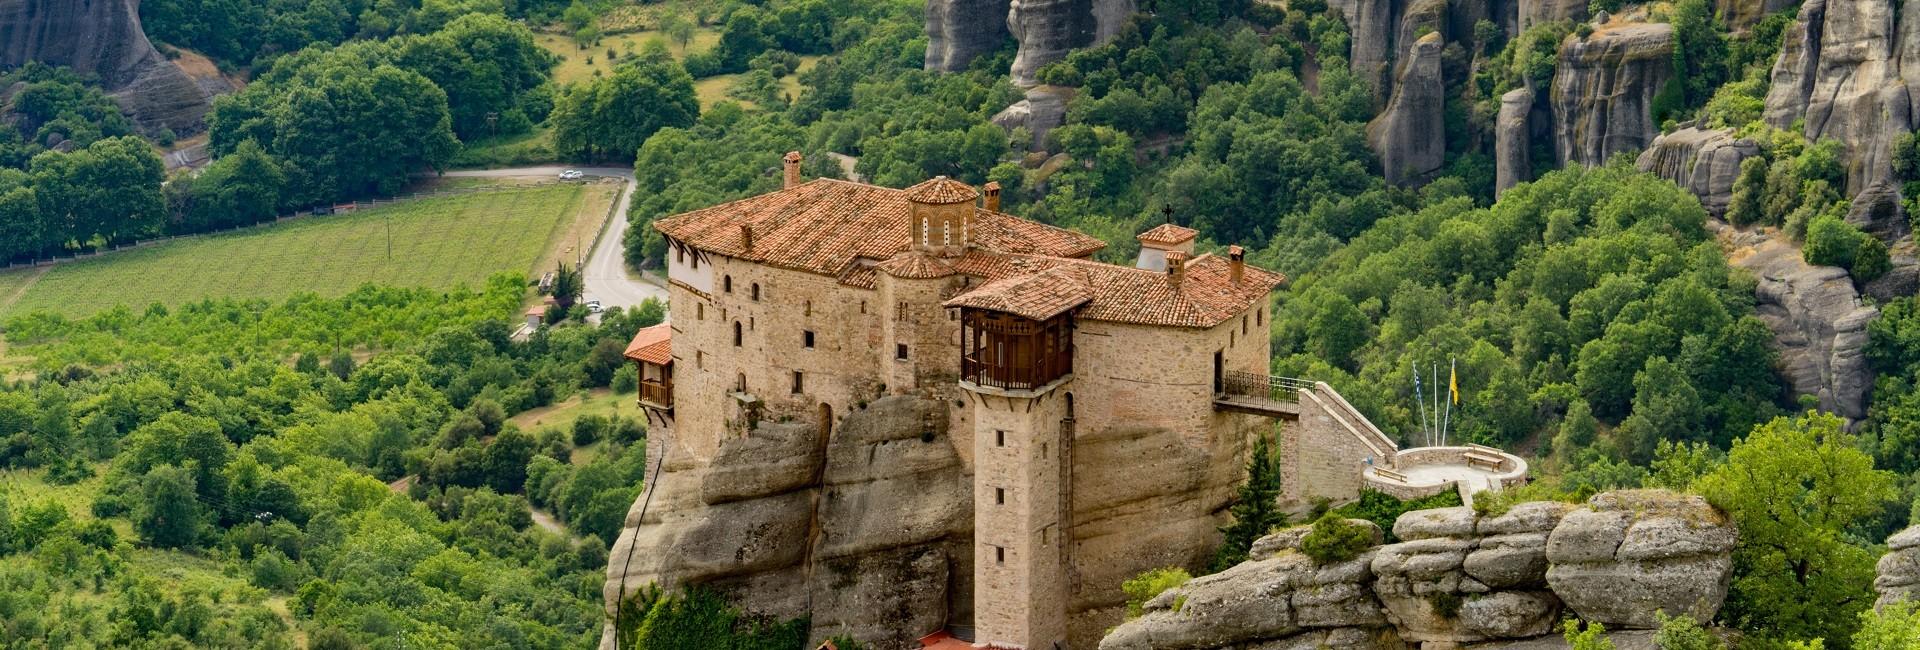 Day Rail Tour to the Majestic Meteora Monasteries